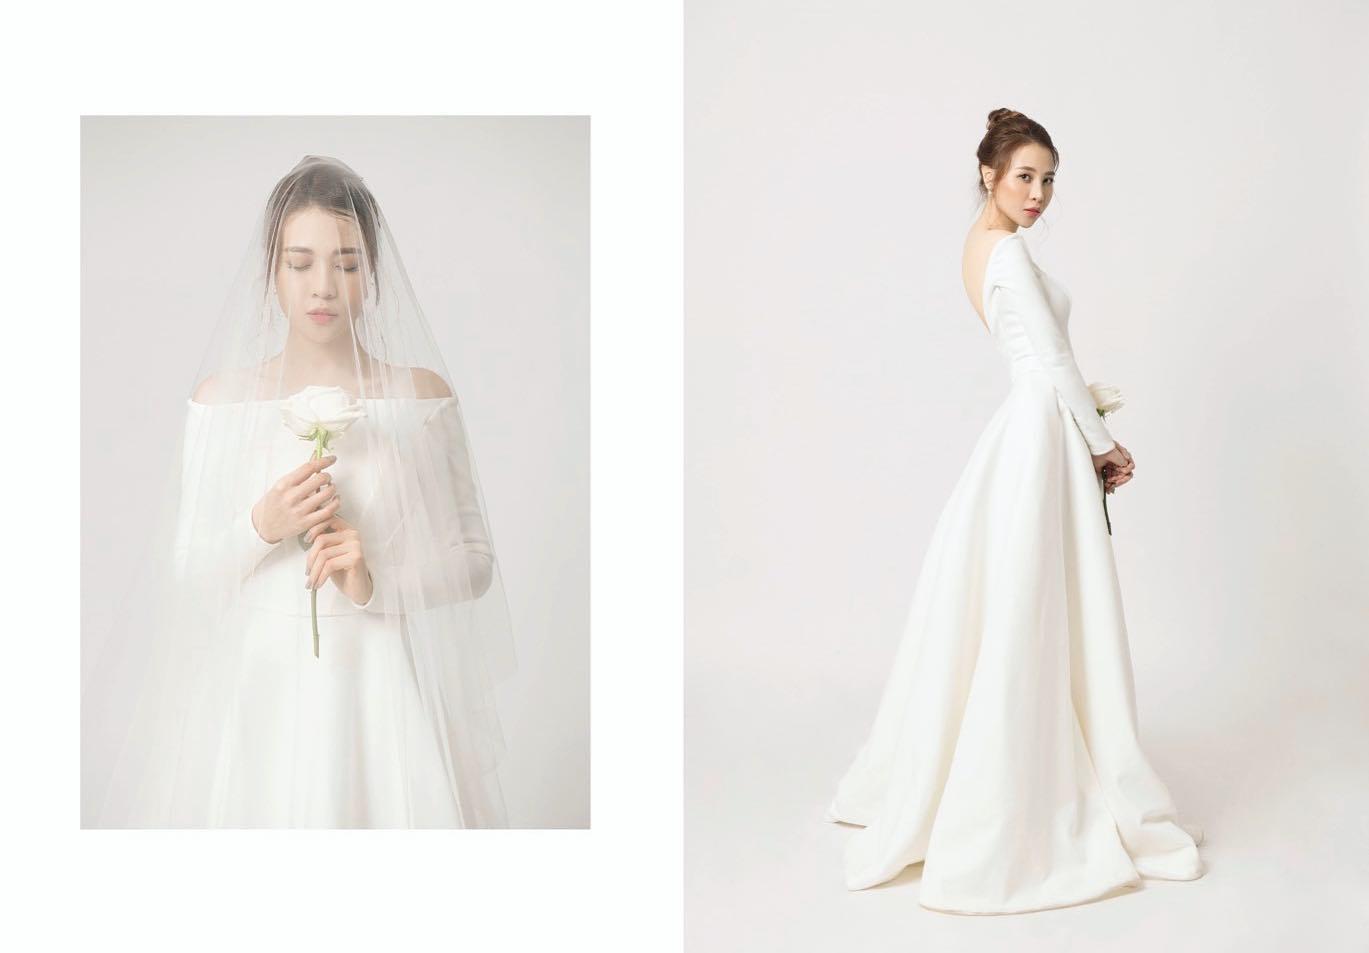 Lộ ảnh cô dâu của Cường Đô la diện váy cưới lộng lẫy, tay cầm hoa, đầu đội khăn voan xinh đẹp - Ảnh 1